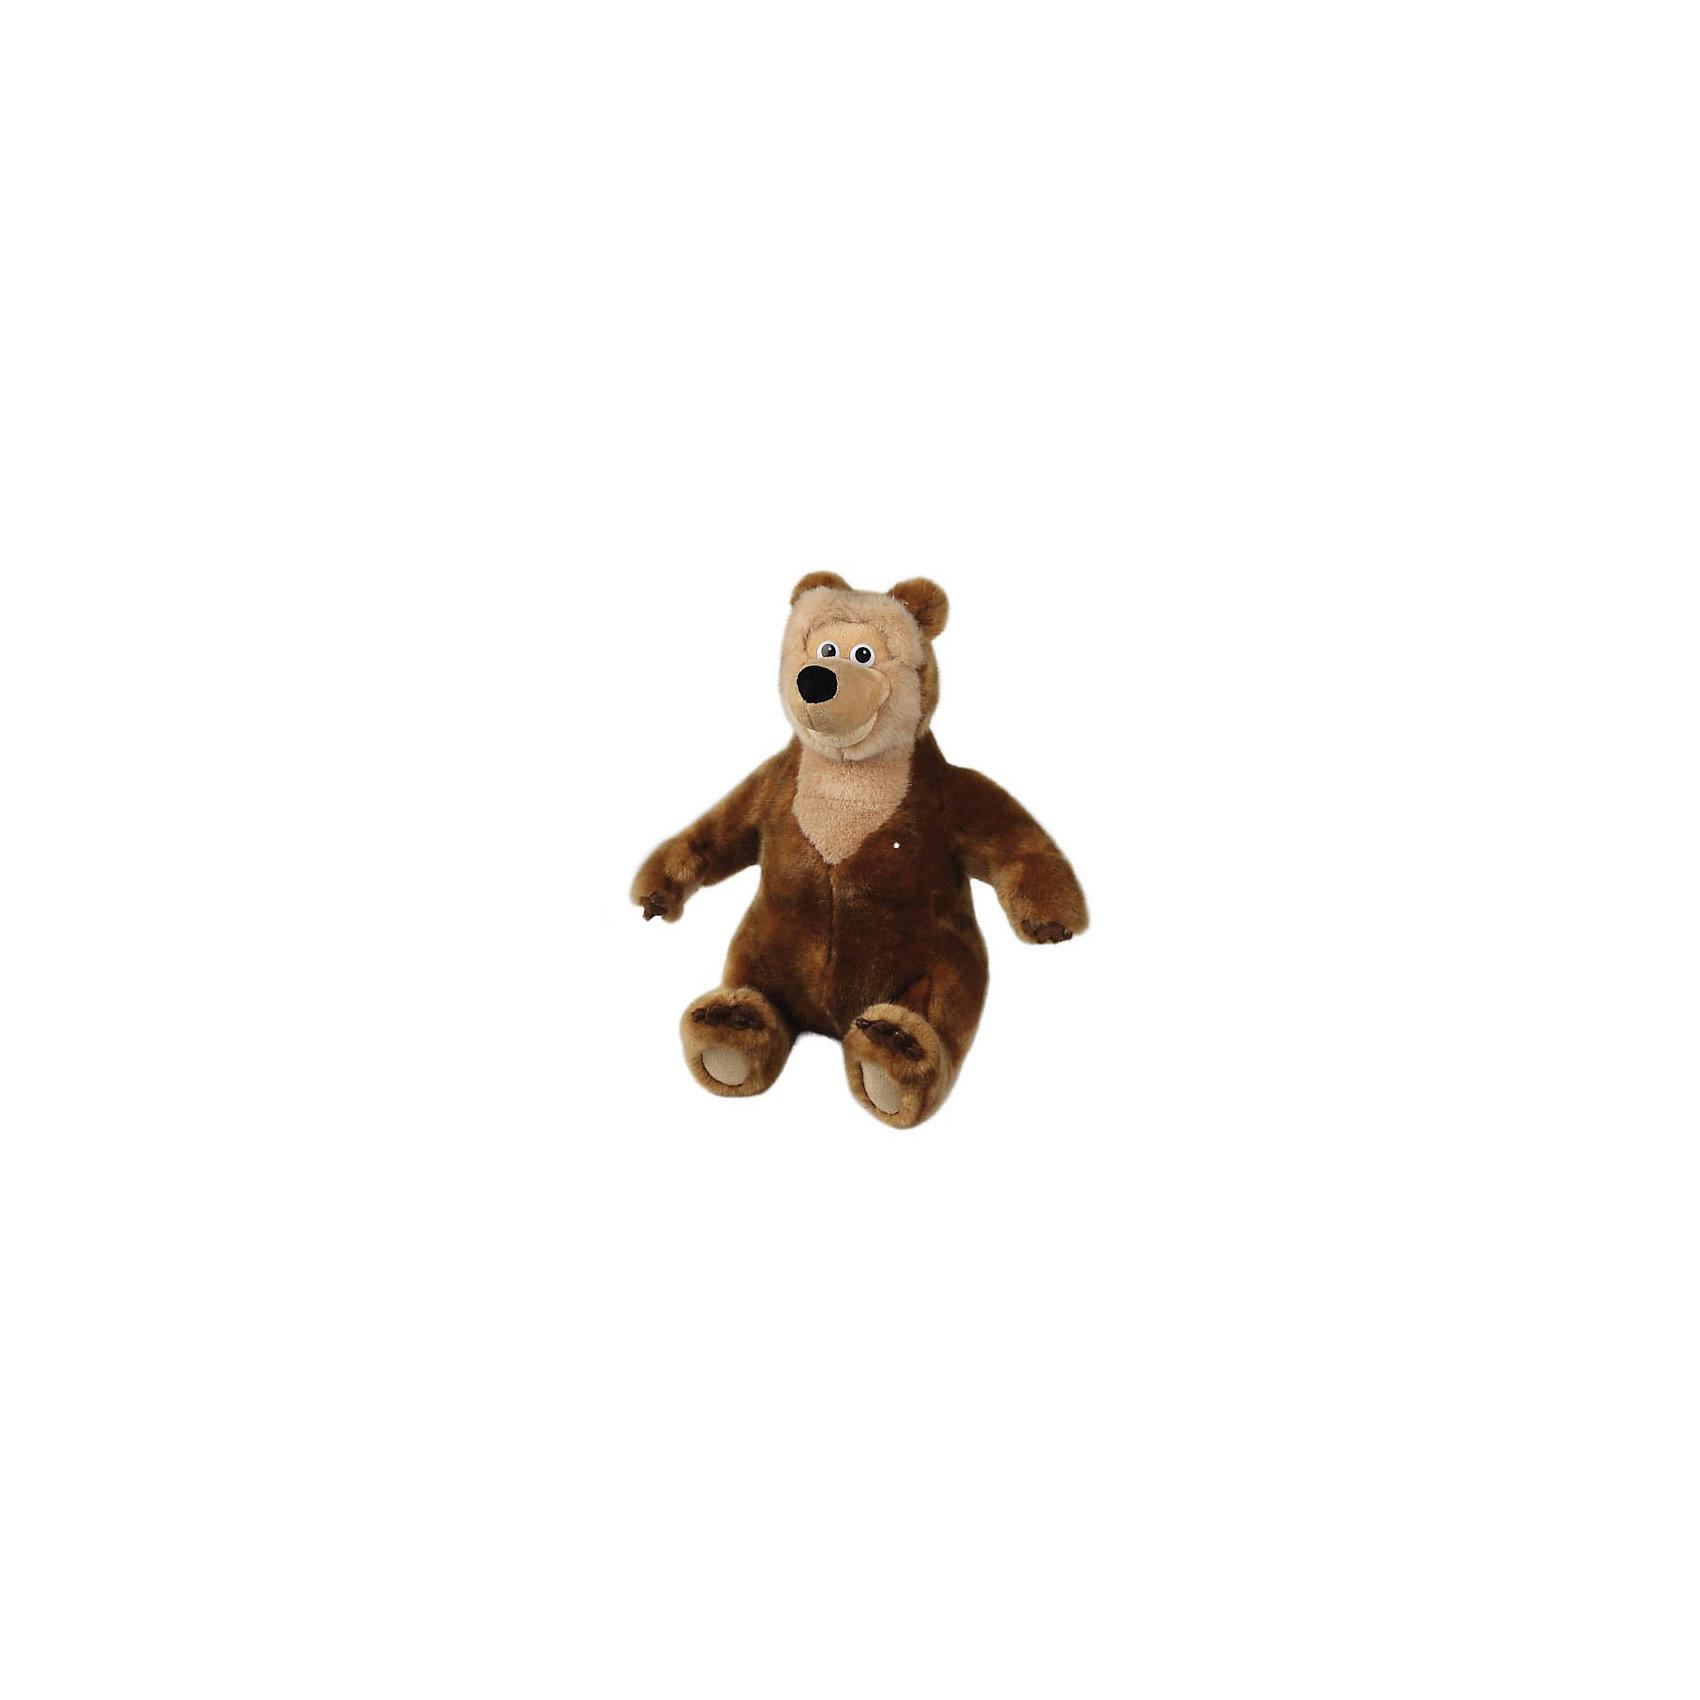 Мягкая игрушка Медведица, 28 см, со звуком, Маша и Медведь, МУЛЬТИ-ПУЛЬТИМУЛЬТИ-ПУЛЬТИ Мягкая игрушка Медведица (Маша и Медведь) , 28 см. - большая, красивая медведица, подруга главного героя нашумевшего детского мультсериала Маша и Медведь. Умеет смеяться при нажатии на лапку. Развеселит вас заразительным смехом!<br><br>Медведица добрая и романтичная, дружит с Машей и Медведем.  За ухом у медведицы красивый цветок, и в лапке она держит небольшую красную сумочку-мешочек.<br><br>Дополнительная информация:<br><br>- Высота: 28 см.<br>- Озвученная руссифицированная игрушка.<br>- Материалы: цветной плюш, текстиль, пластик.<br><br>Игрушка развивает фантазию, воображение, цветовое и звуковое восприятие, моторику рук.<br><br>Мягкую игрушку Медведица, 28 см.,  Маша и Медведь, МУЛЬТИ-ПУЛЬТИ можно купить в нашем магазине.<br><br>Ширина мм: 180<br>Глубина мм: 260<br>Высота мм: 300<br>Вес г: 330<br>Возраст от месяцев: 60<br>Возраст до месяцев: 2147483647<br>Пол: Унисекс<br>Возраст: Детский<br>SKU: 2497476